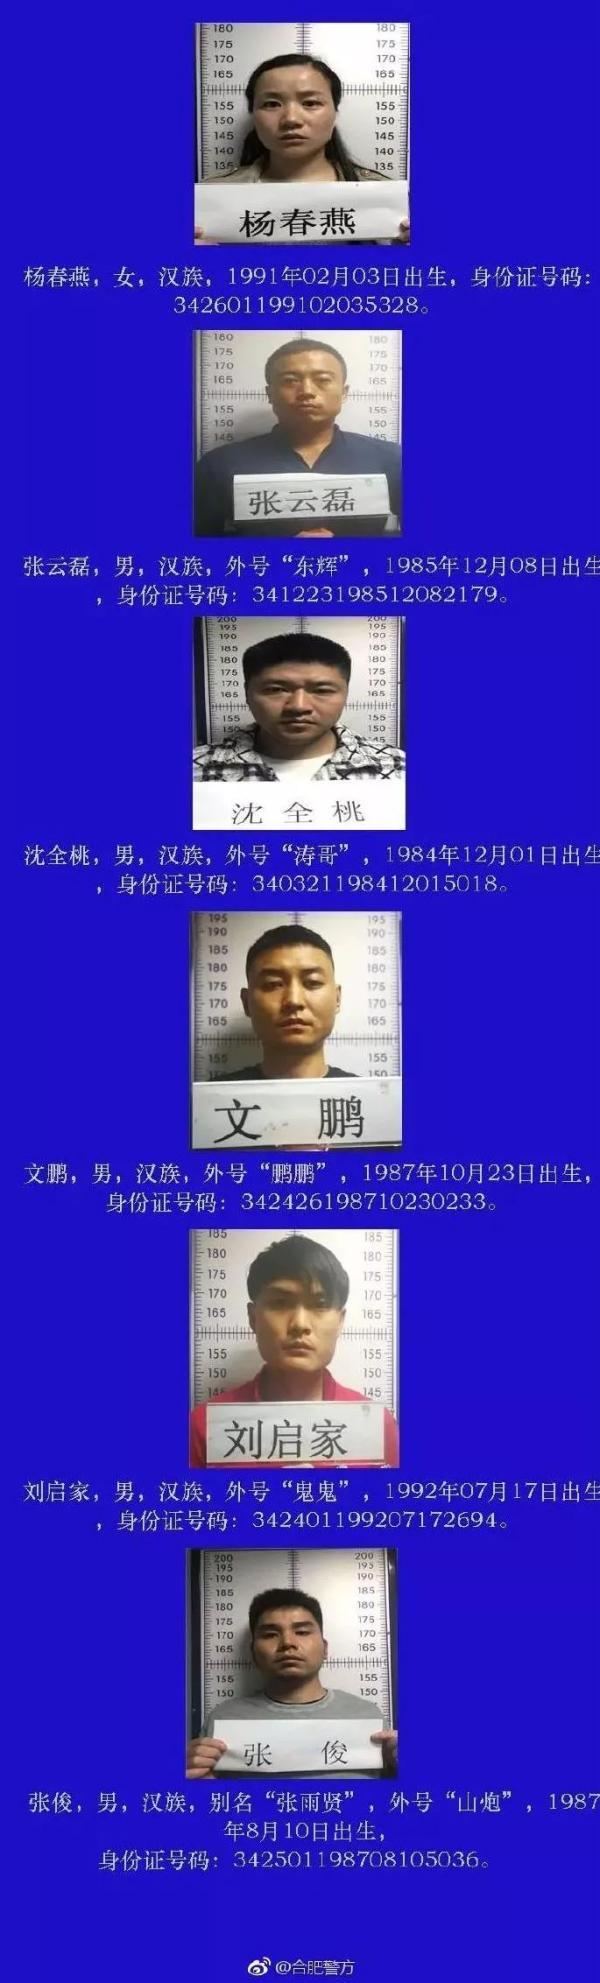 90后涉黑女老大获刑25年事件始末 被判刑的还有哪些人个人信息照片 isanji.com